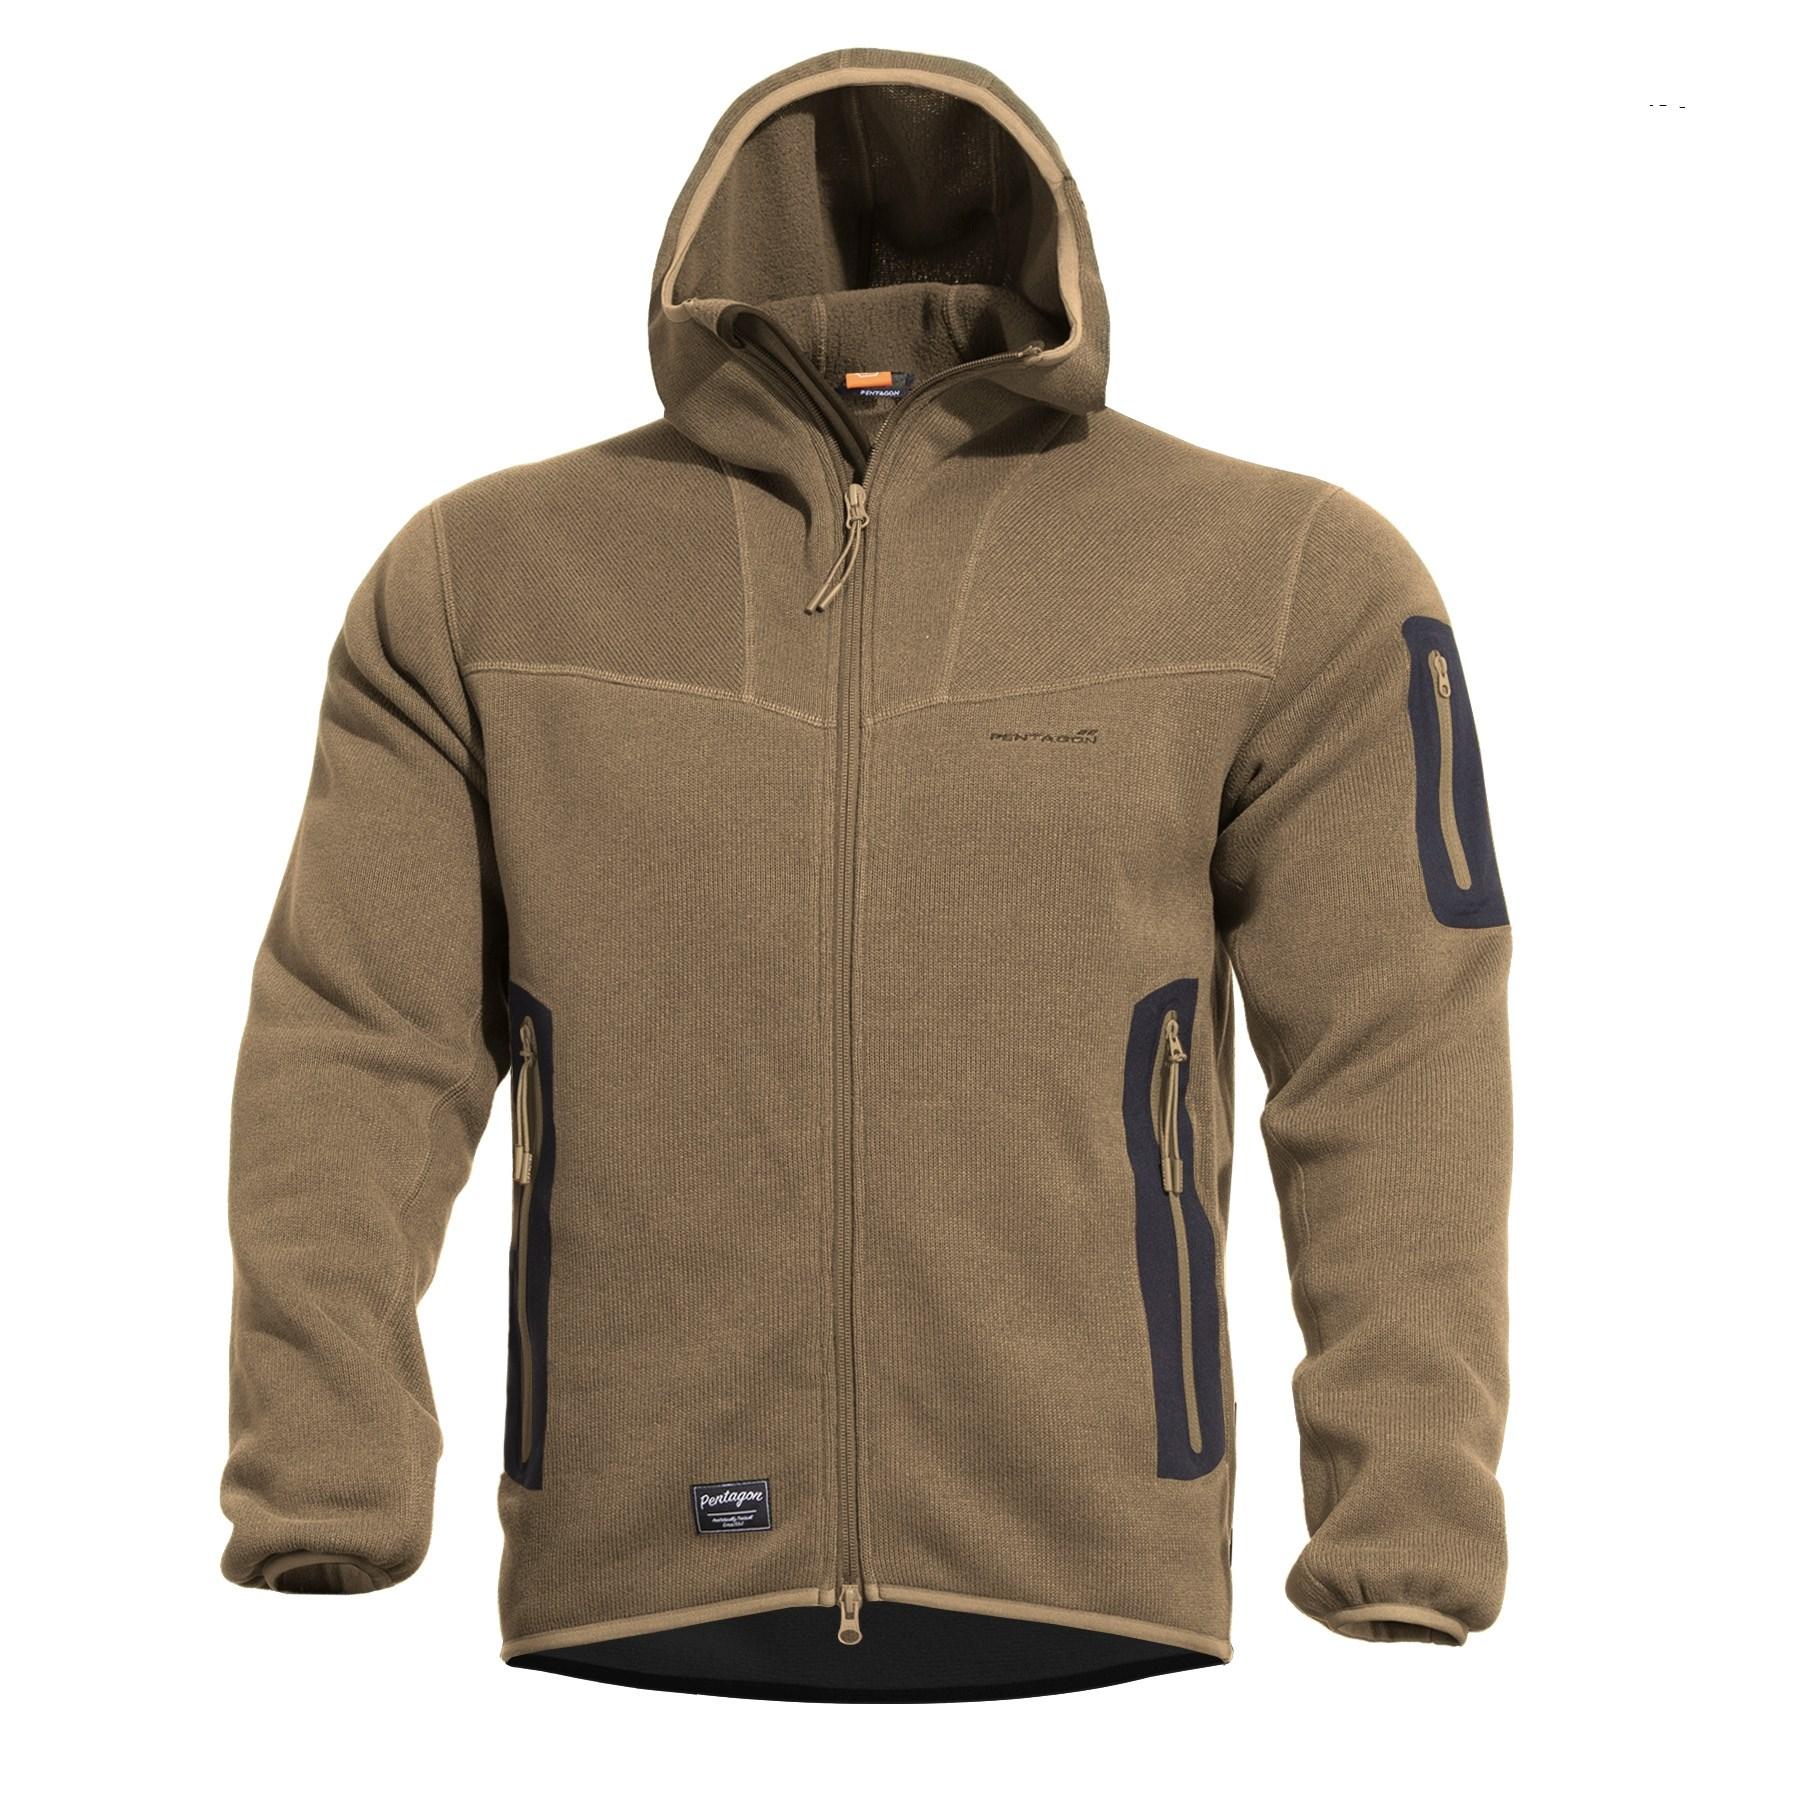 Falcon Pro Sweater COYOTE PENTAGON K08036-03 L-11